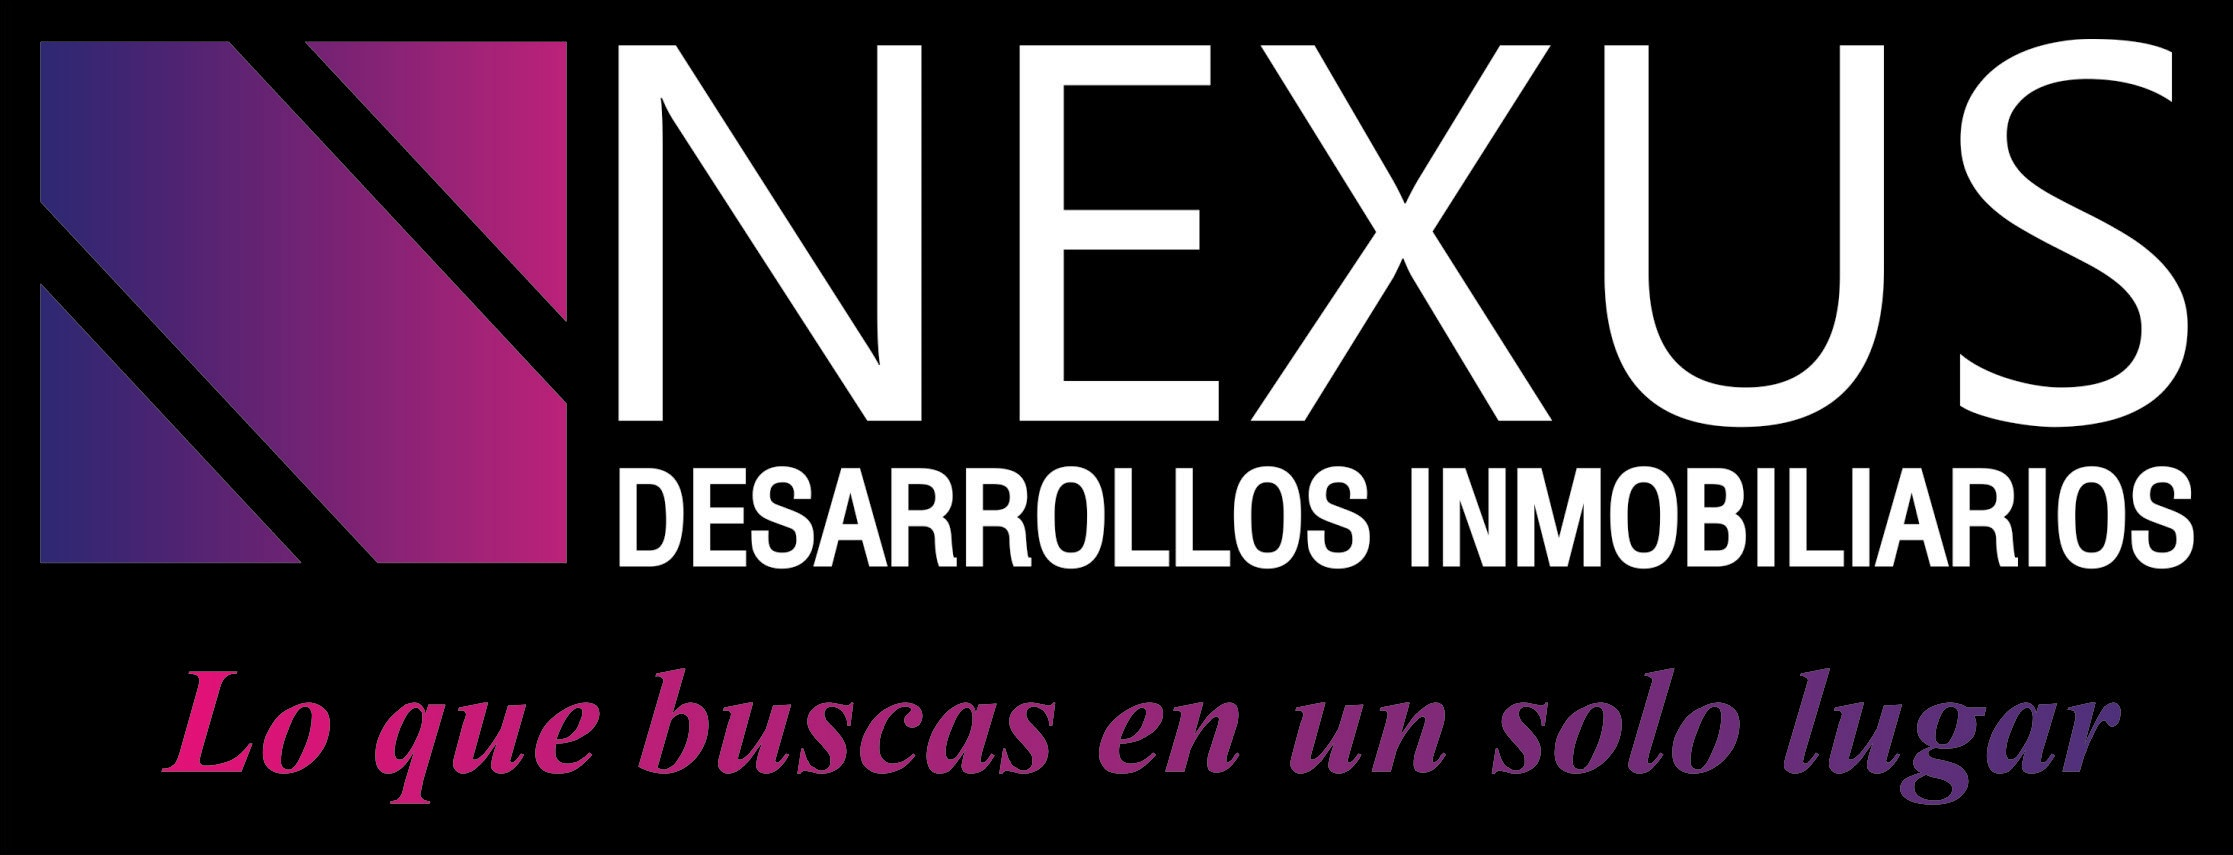 LOGO_NEXUS_COREL_INMOBILIARIOS_negrooooooooo.jpg